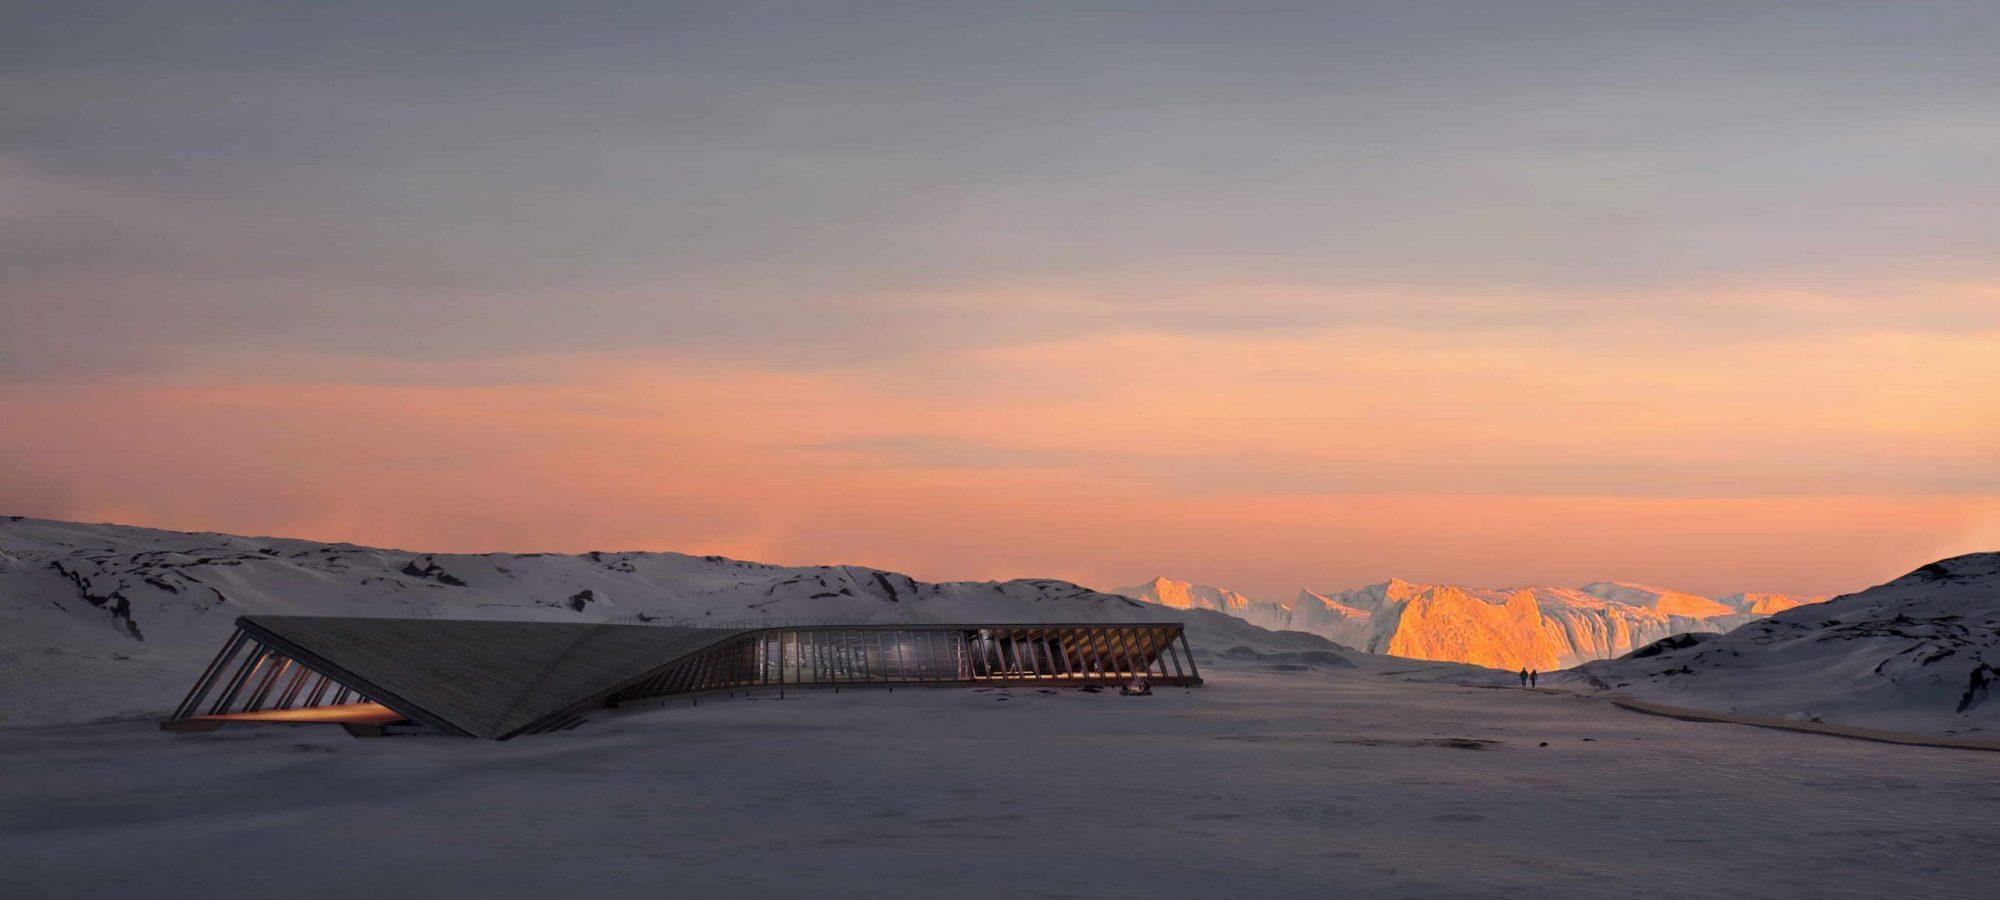 Dorte Mandrup Icefjord Center NordicSunset Update v3 copyright@www.mir_lys-min